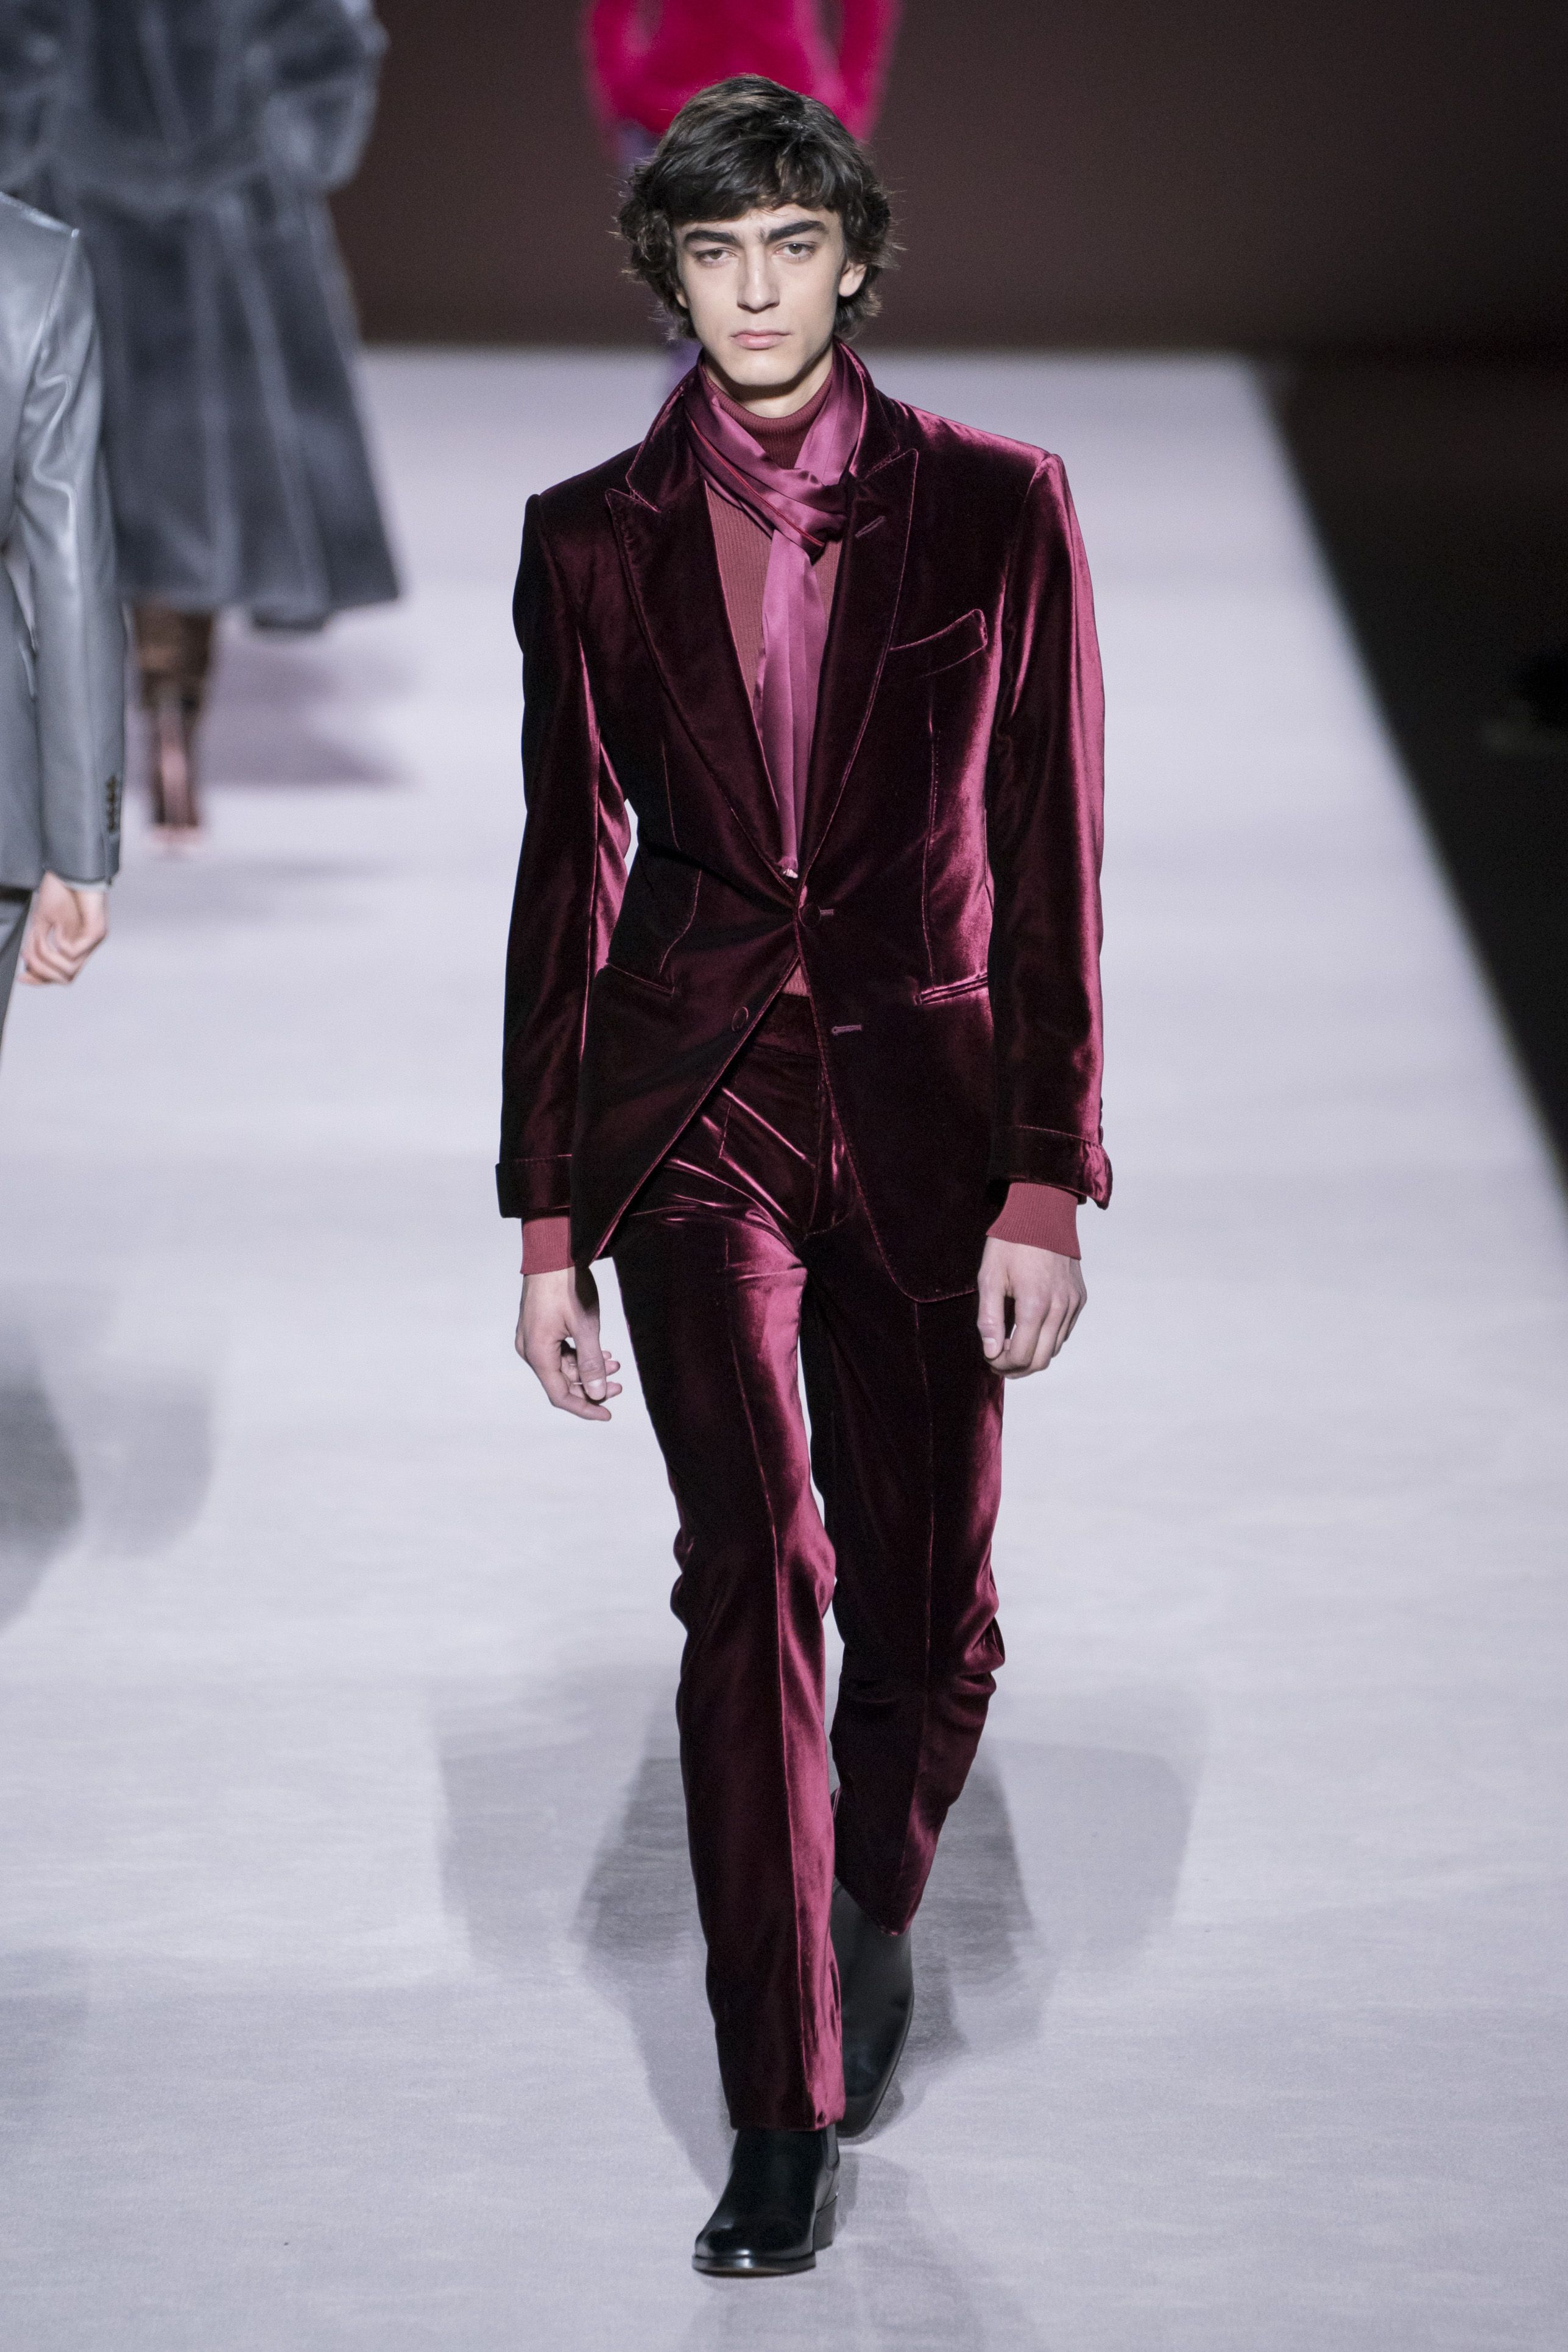 Calendario Sfilate Parigi Settembre 2020.Tom Ford Dimostra Perche Ha Senso Far Sfilare La Moda Uomo E